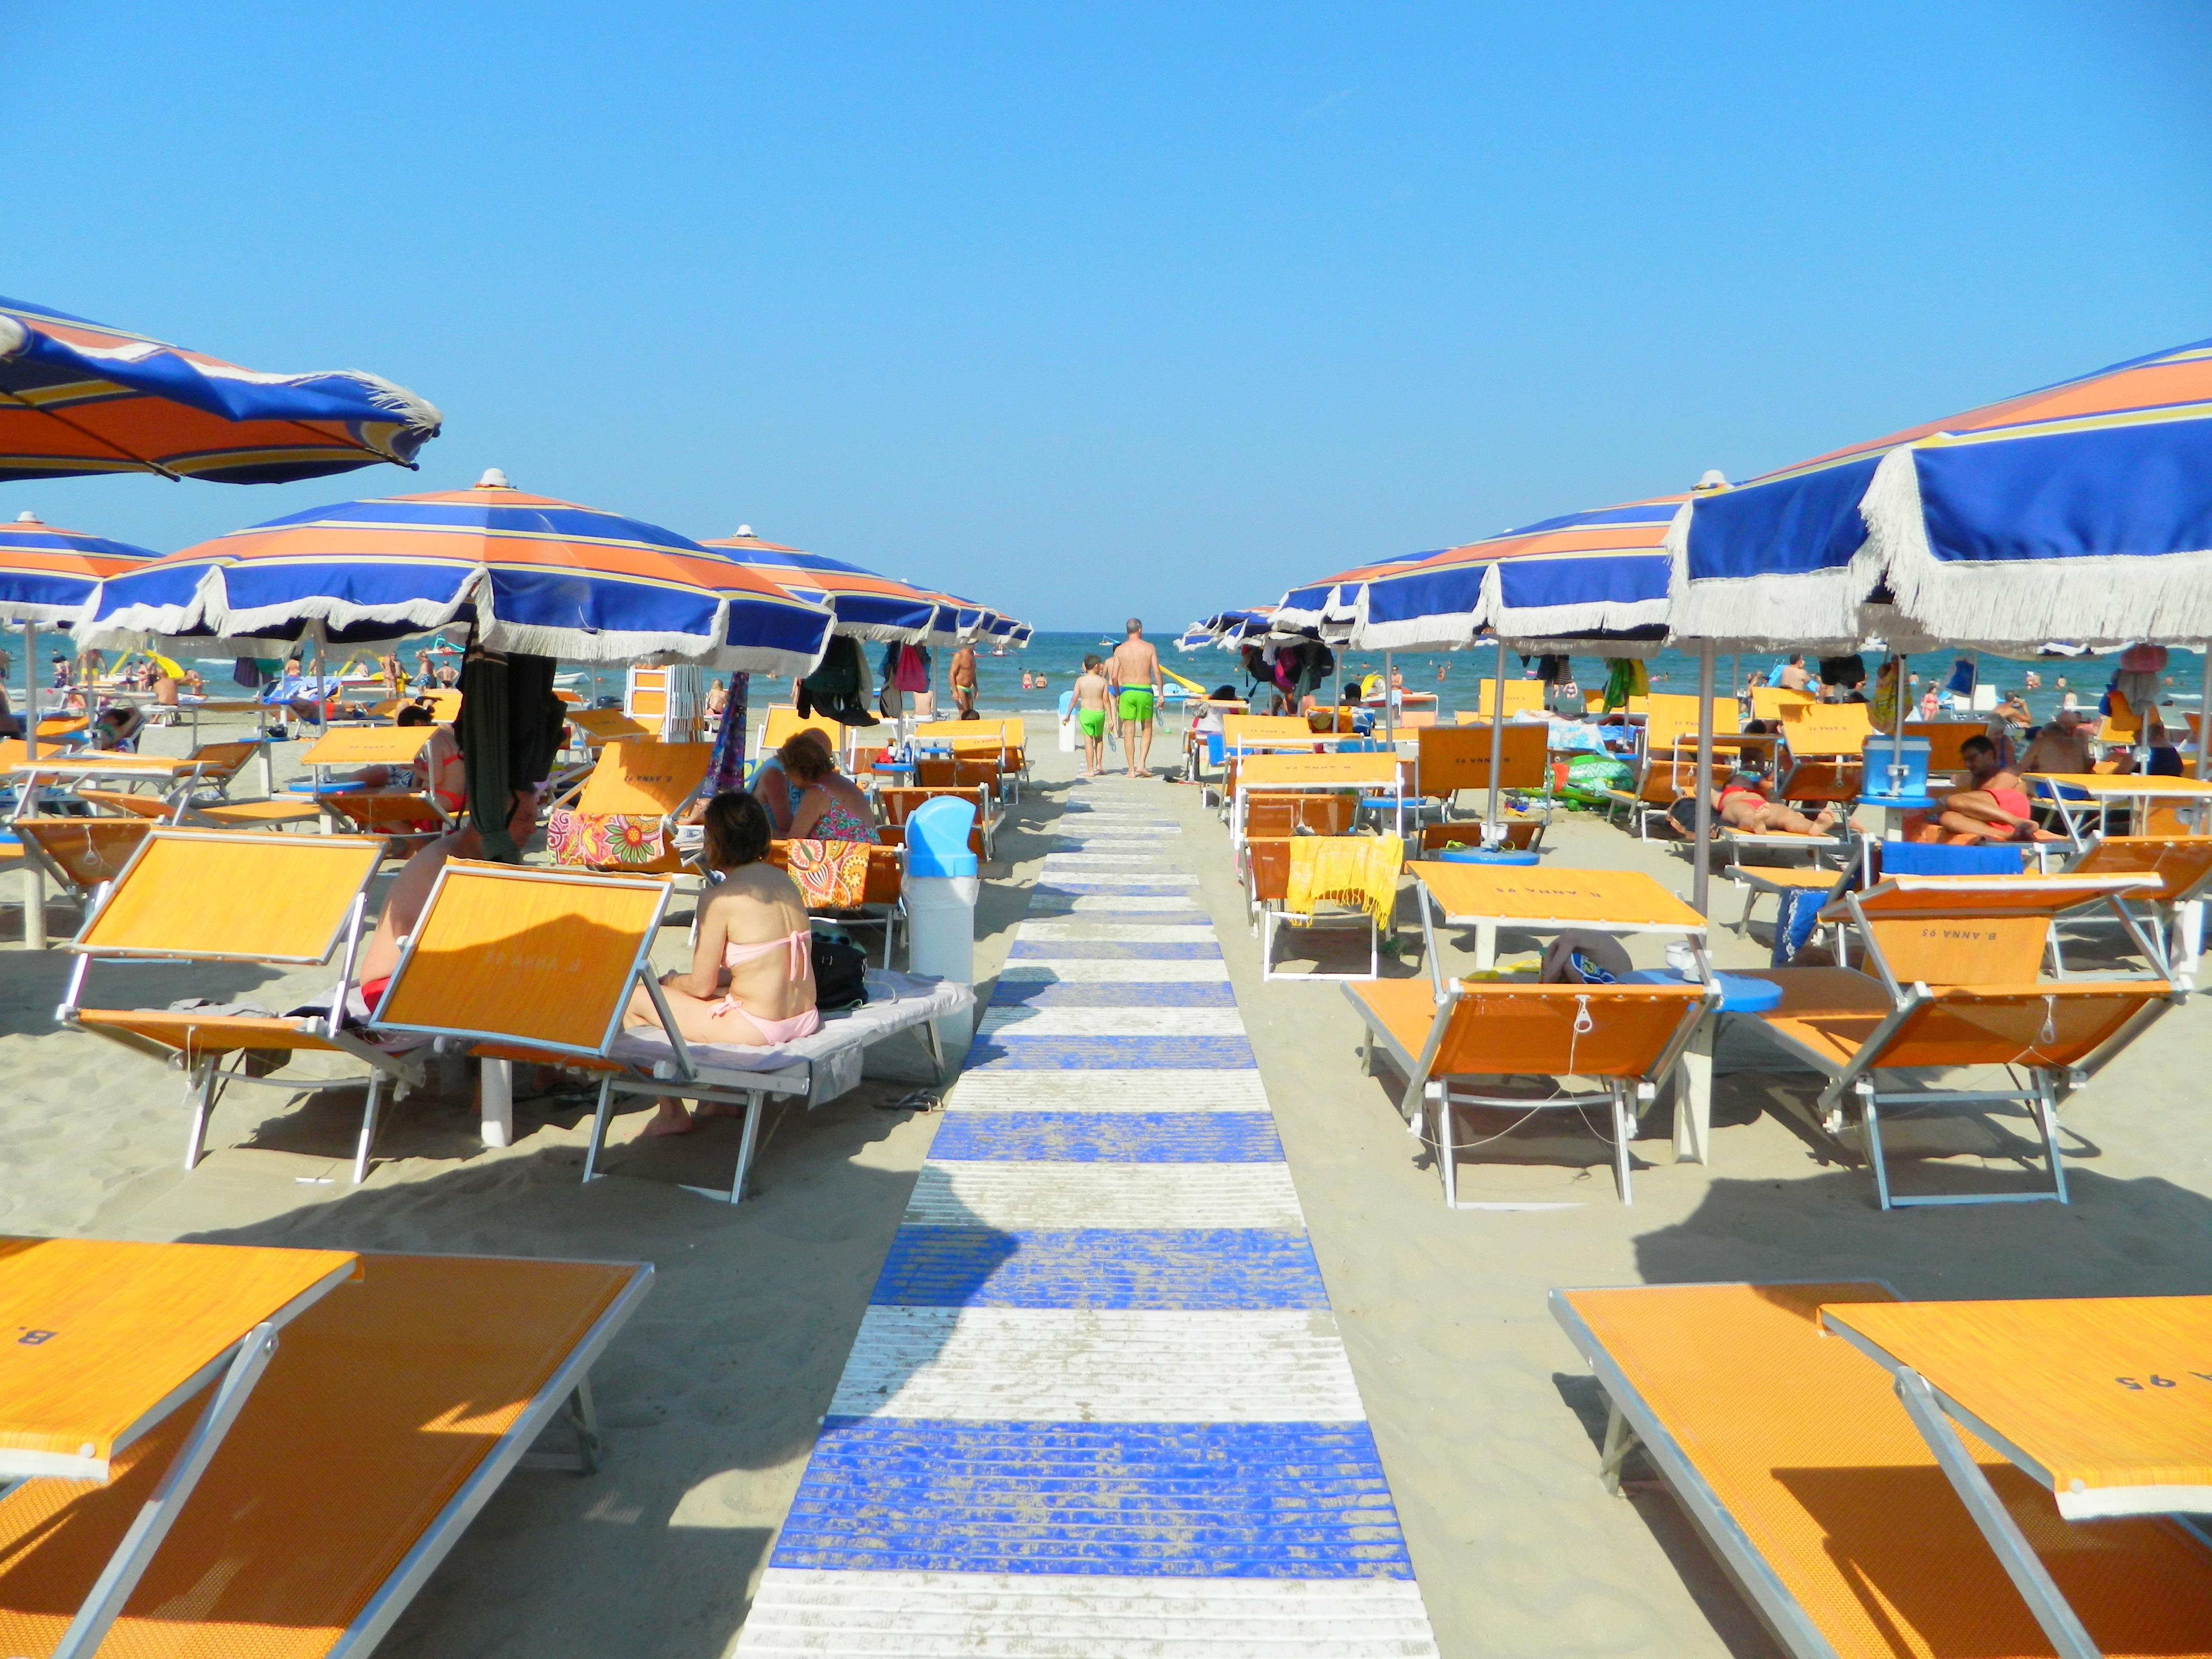 Hotel zenith pinarella di cervia via val padana adria küste